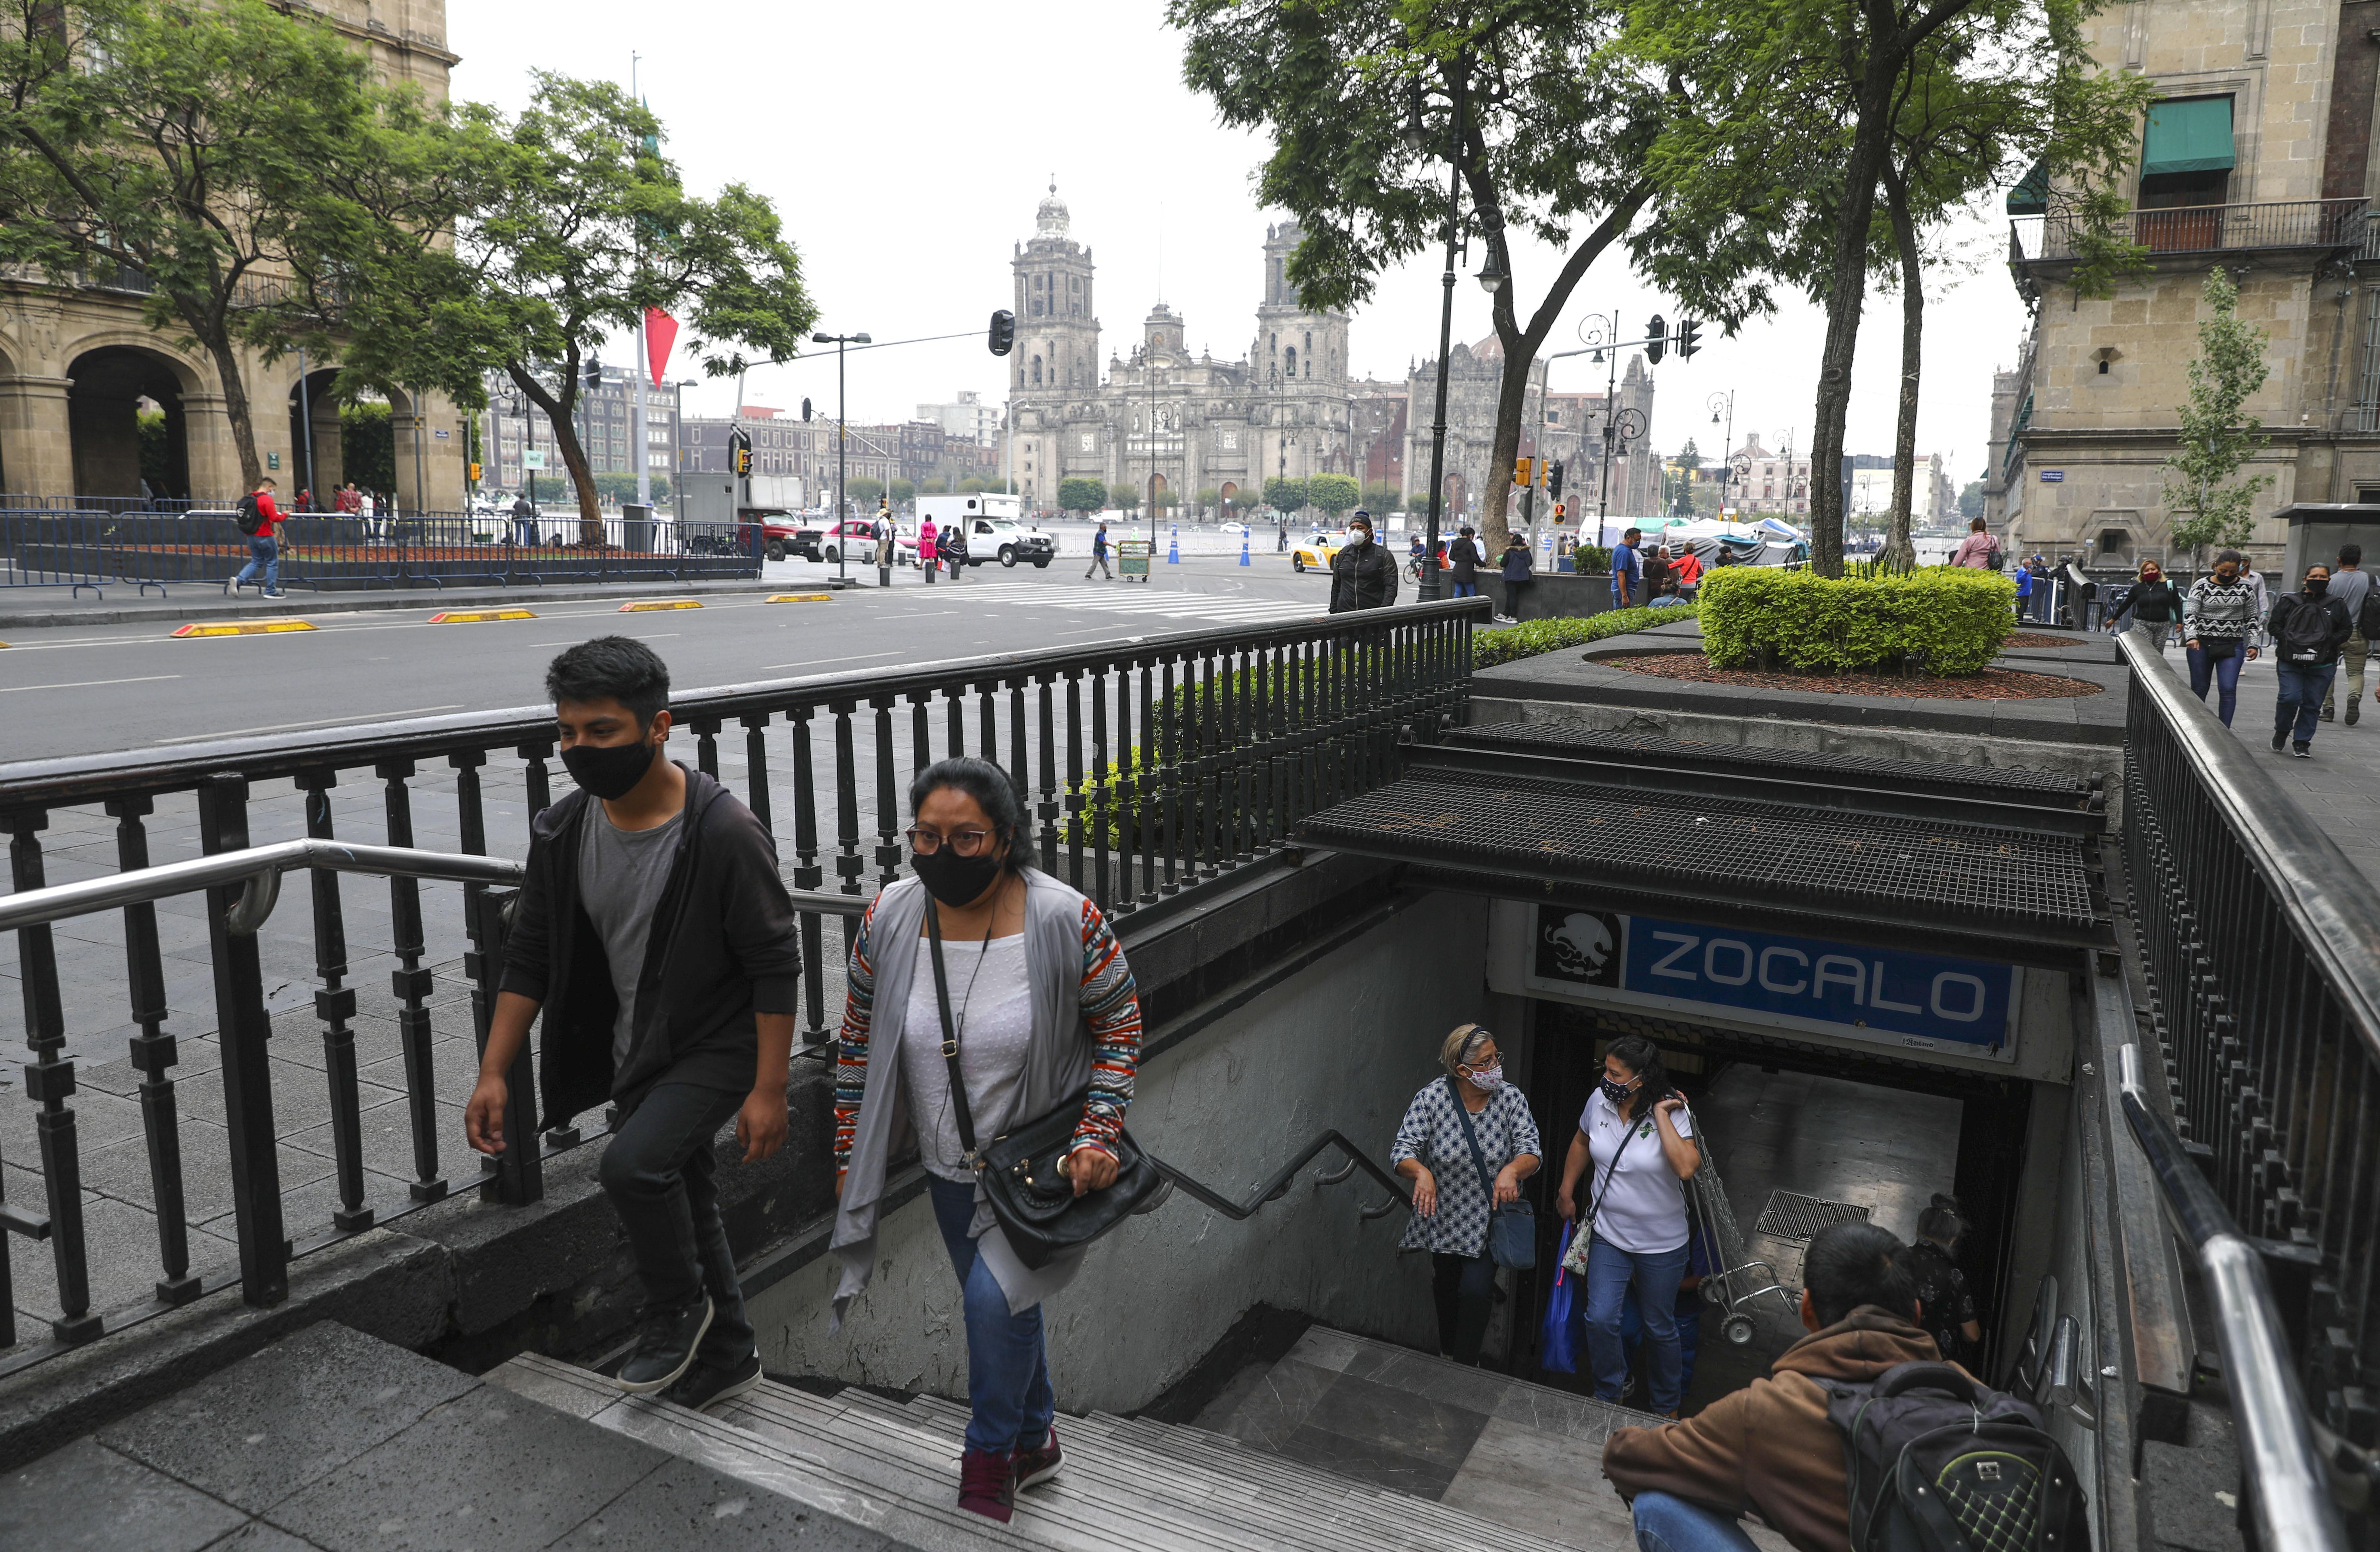 Las personas que usan máscaras faciales para frenar la propagación del nuevo coronavirus salen de la estación de metro Zócalo en la Ciudad de México, el lunes 29 de junio de 2020. (Foto AP / Eduardo Verdugo)